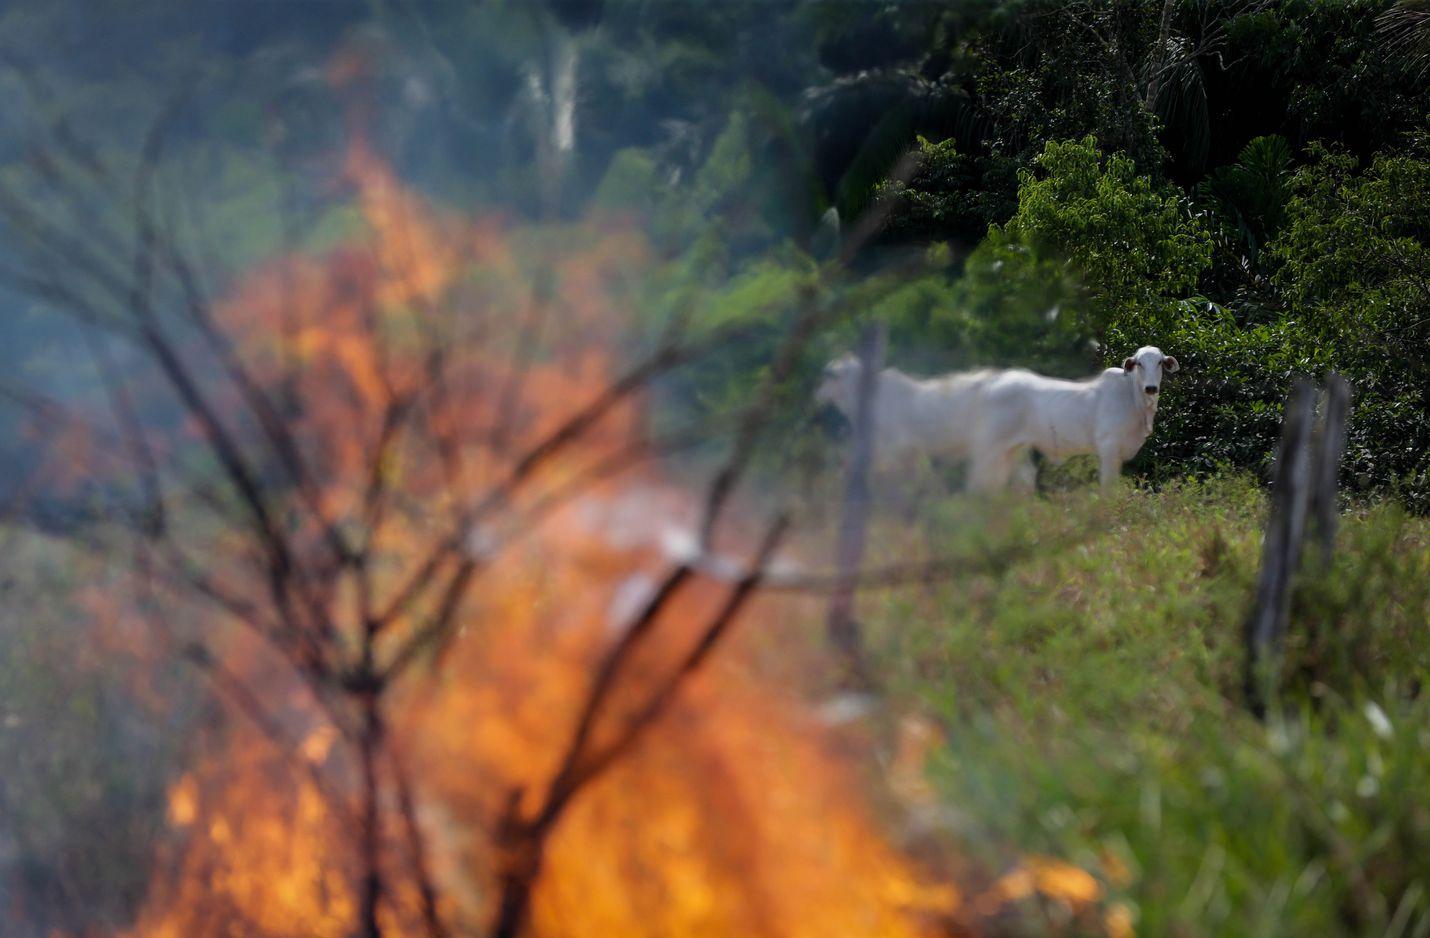 Lehmät katselevat kun metsä palaa Manicoressa, Brasilian Amazonasin osavaltiossa syyskuun alussa.